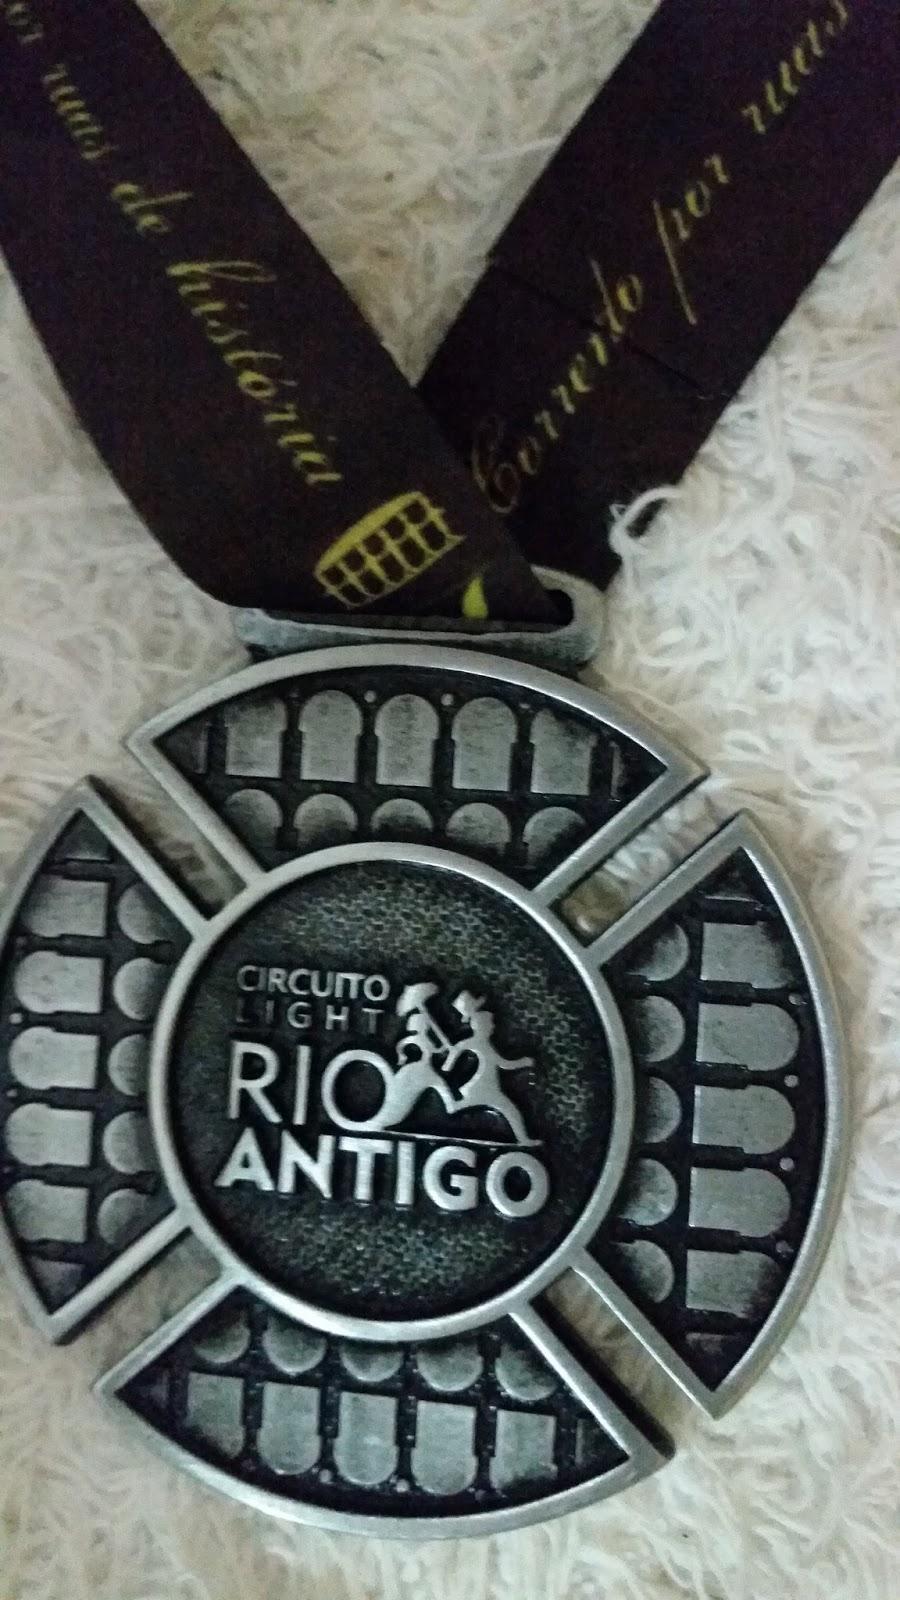 Circuito Rio Antigo : Julian runner curitiba pr: corrida circuito rio antigo fotos